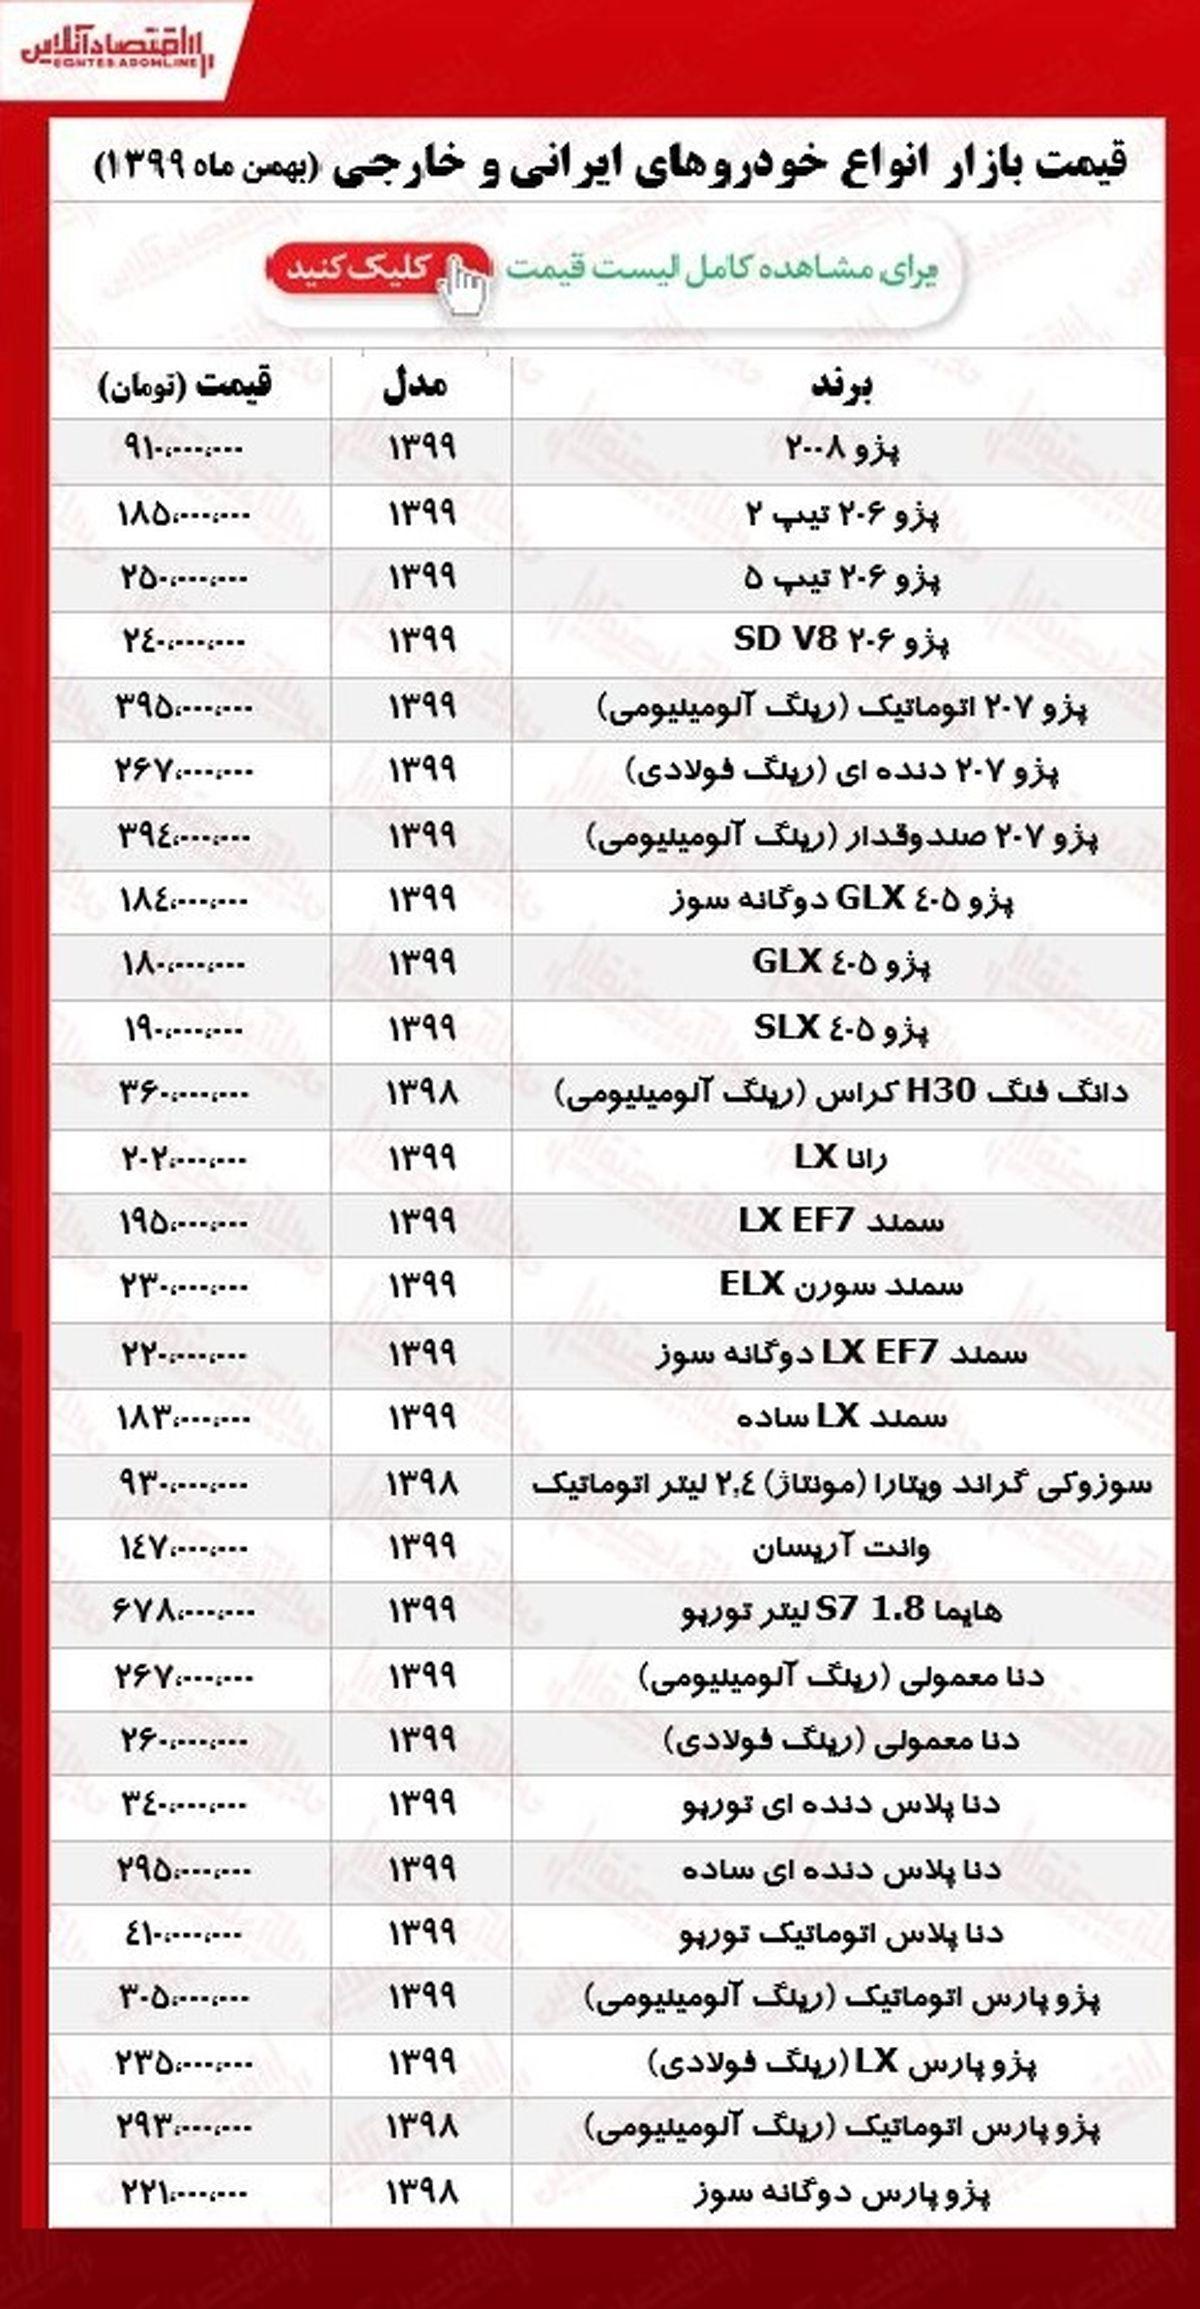 قیمت محصولات ایران خودرو امروز ۹۹/۱۱/۱۴